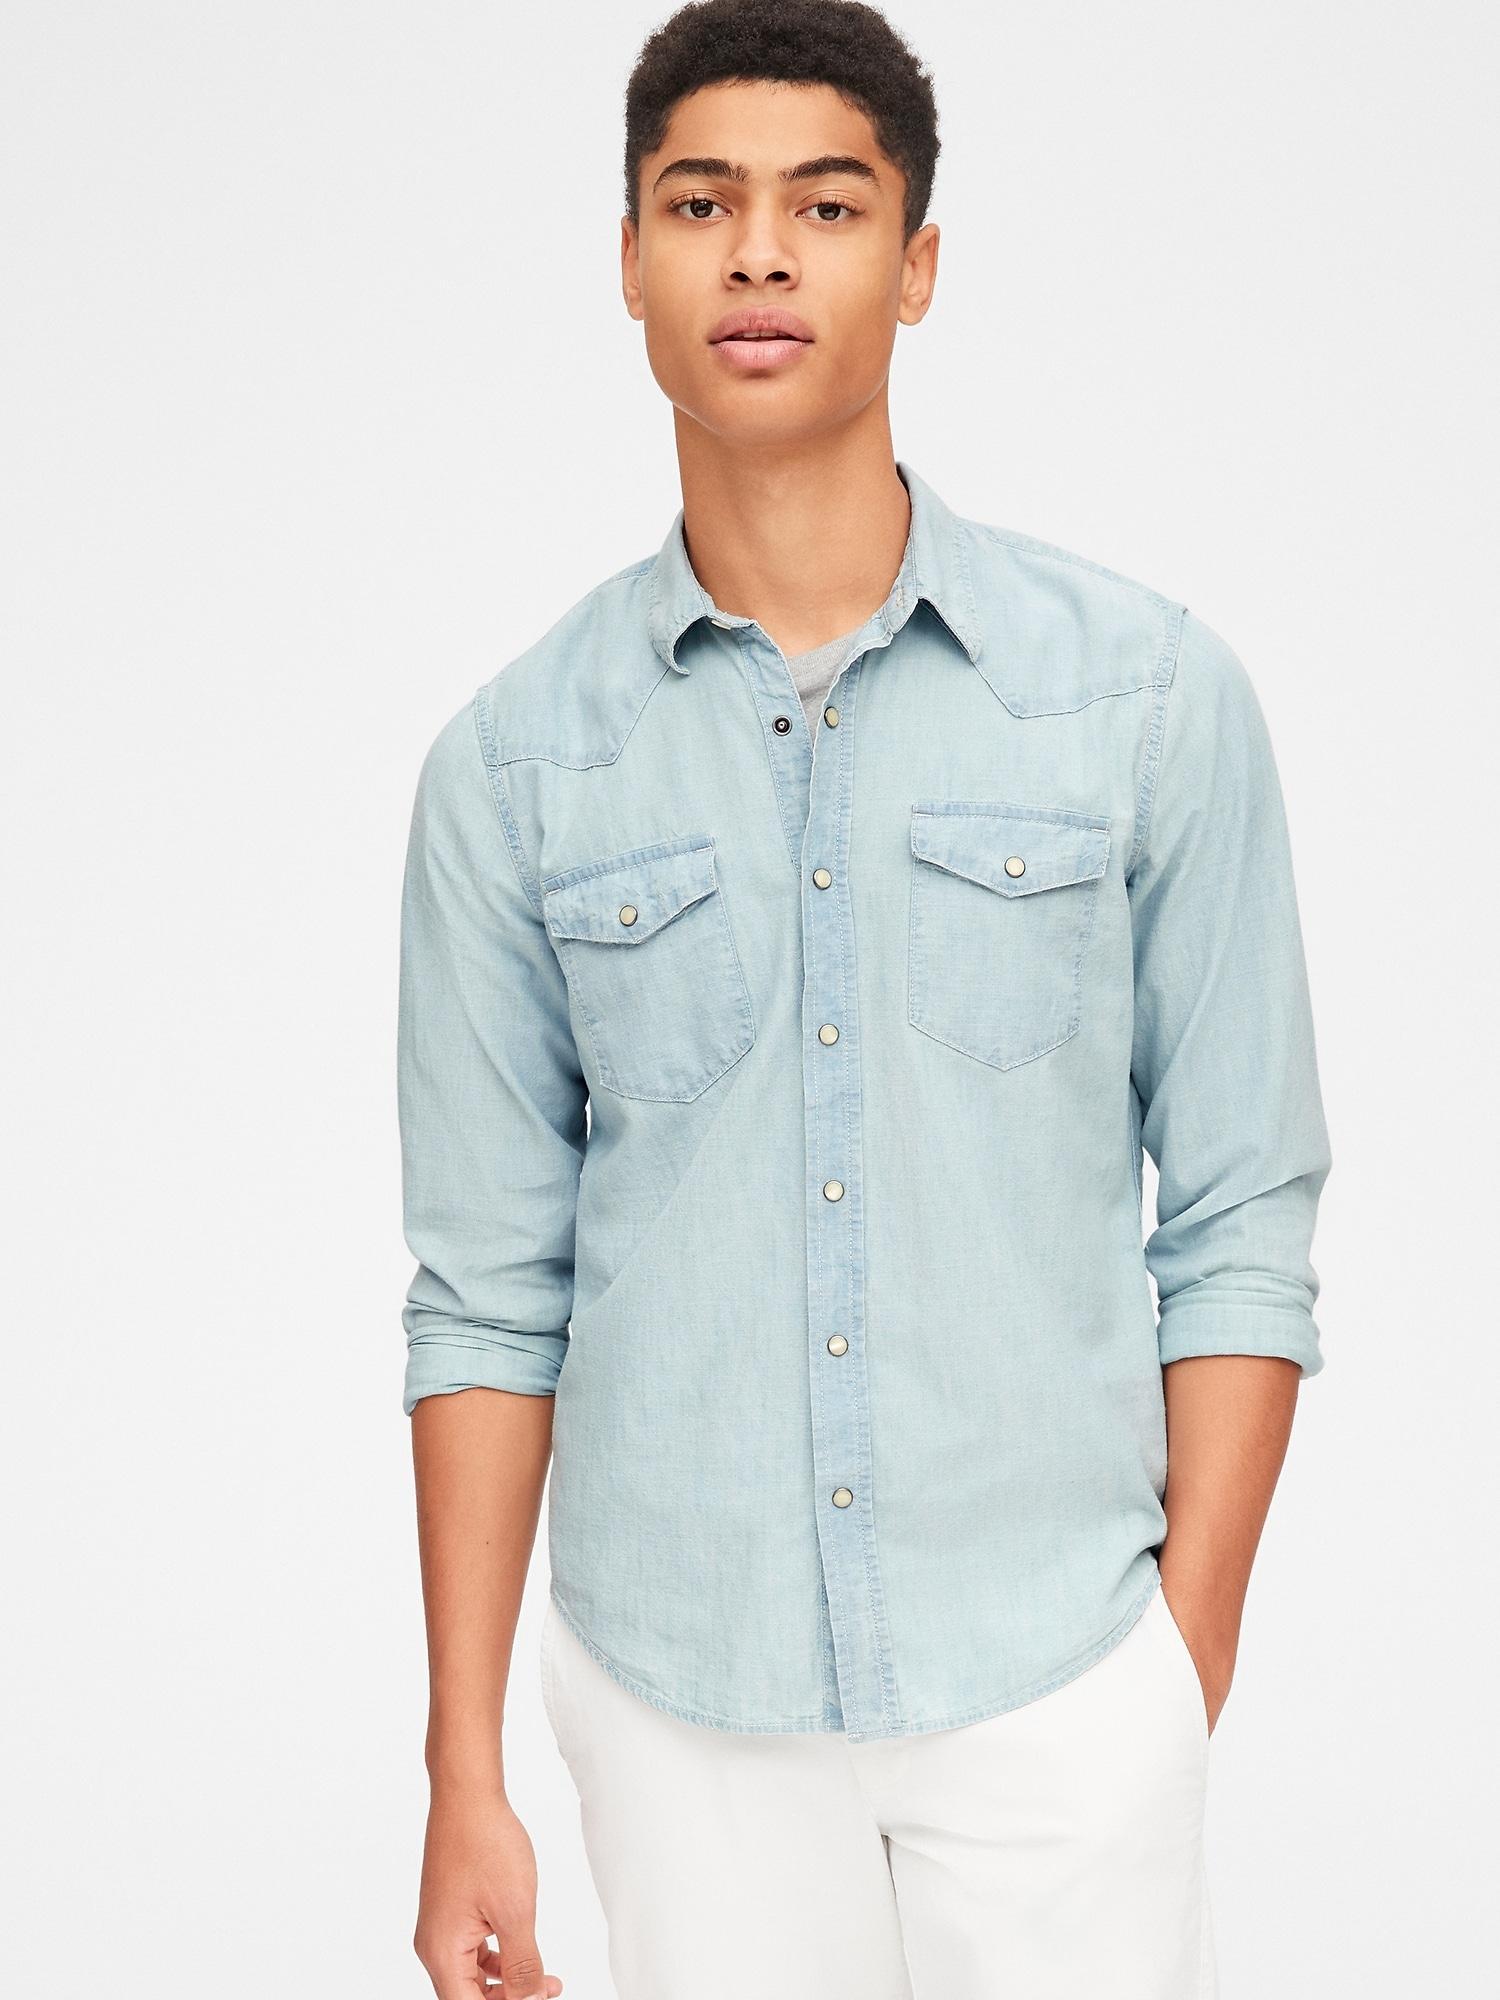 56dde22a390 Lyst - Gap Slim Fit Denim Western Shirt in Blue for Men